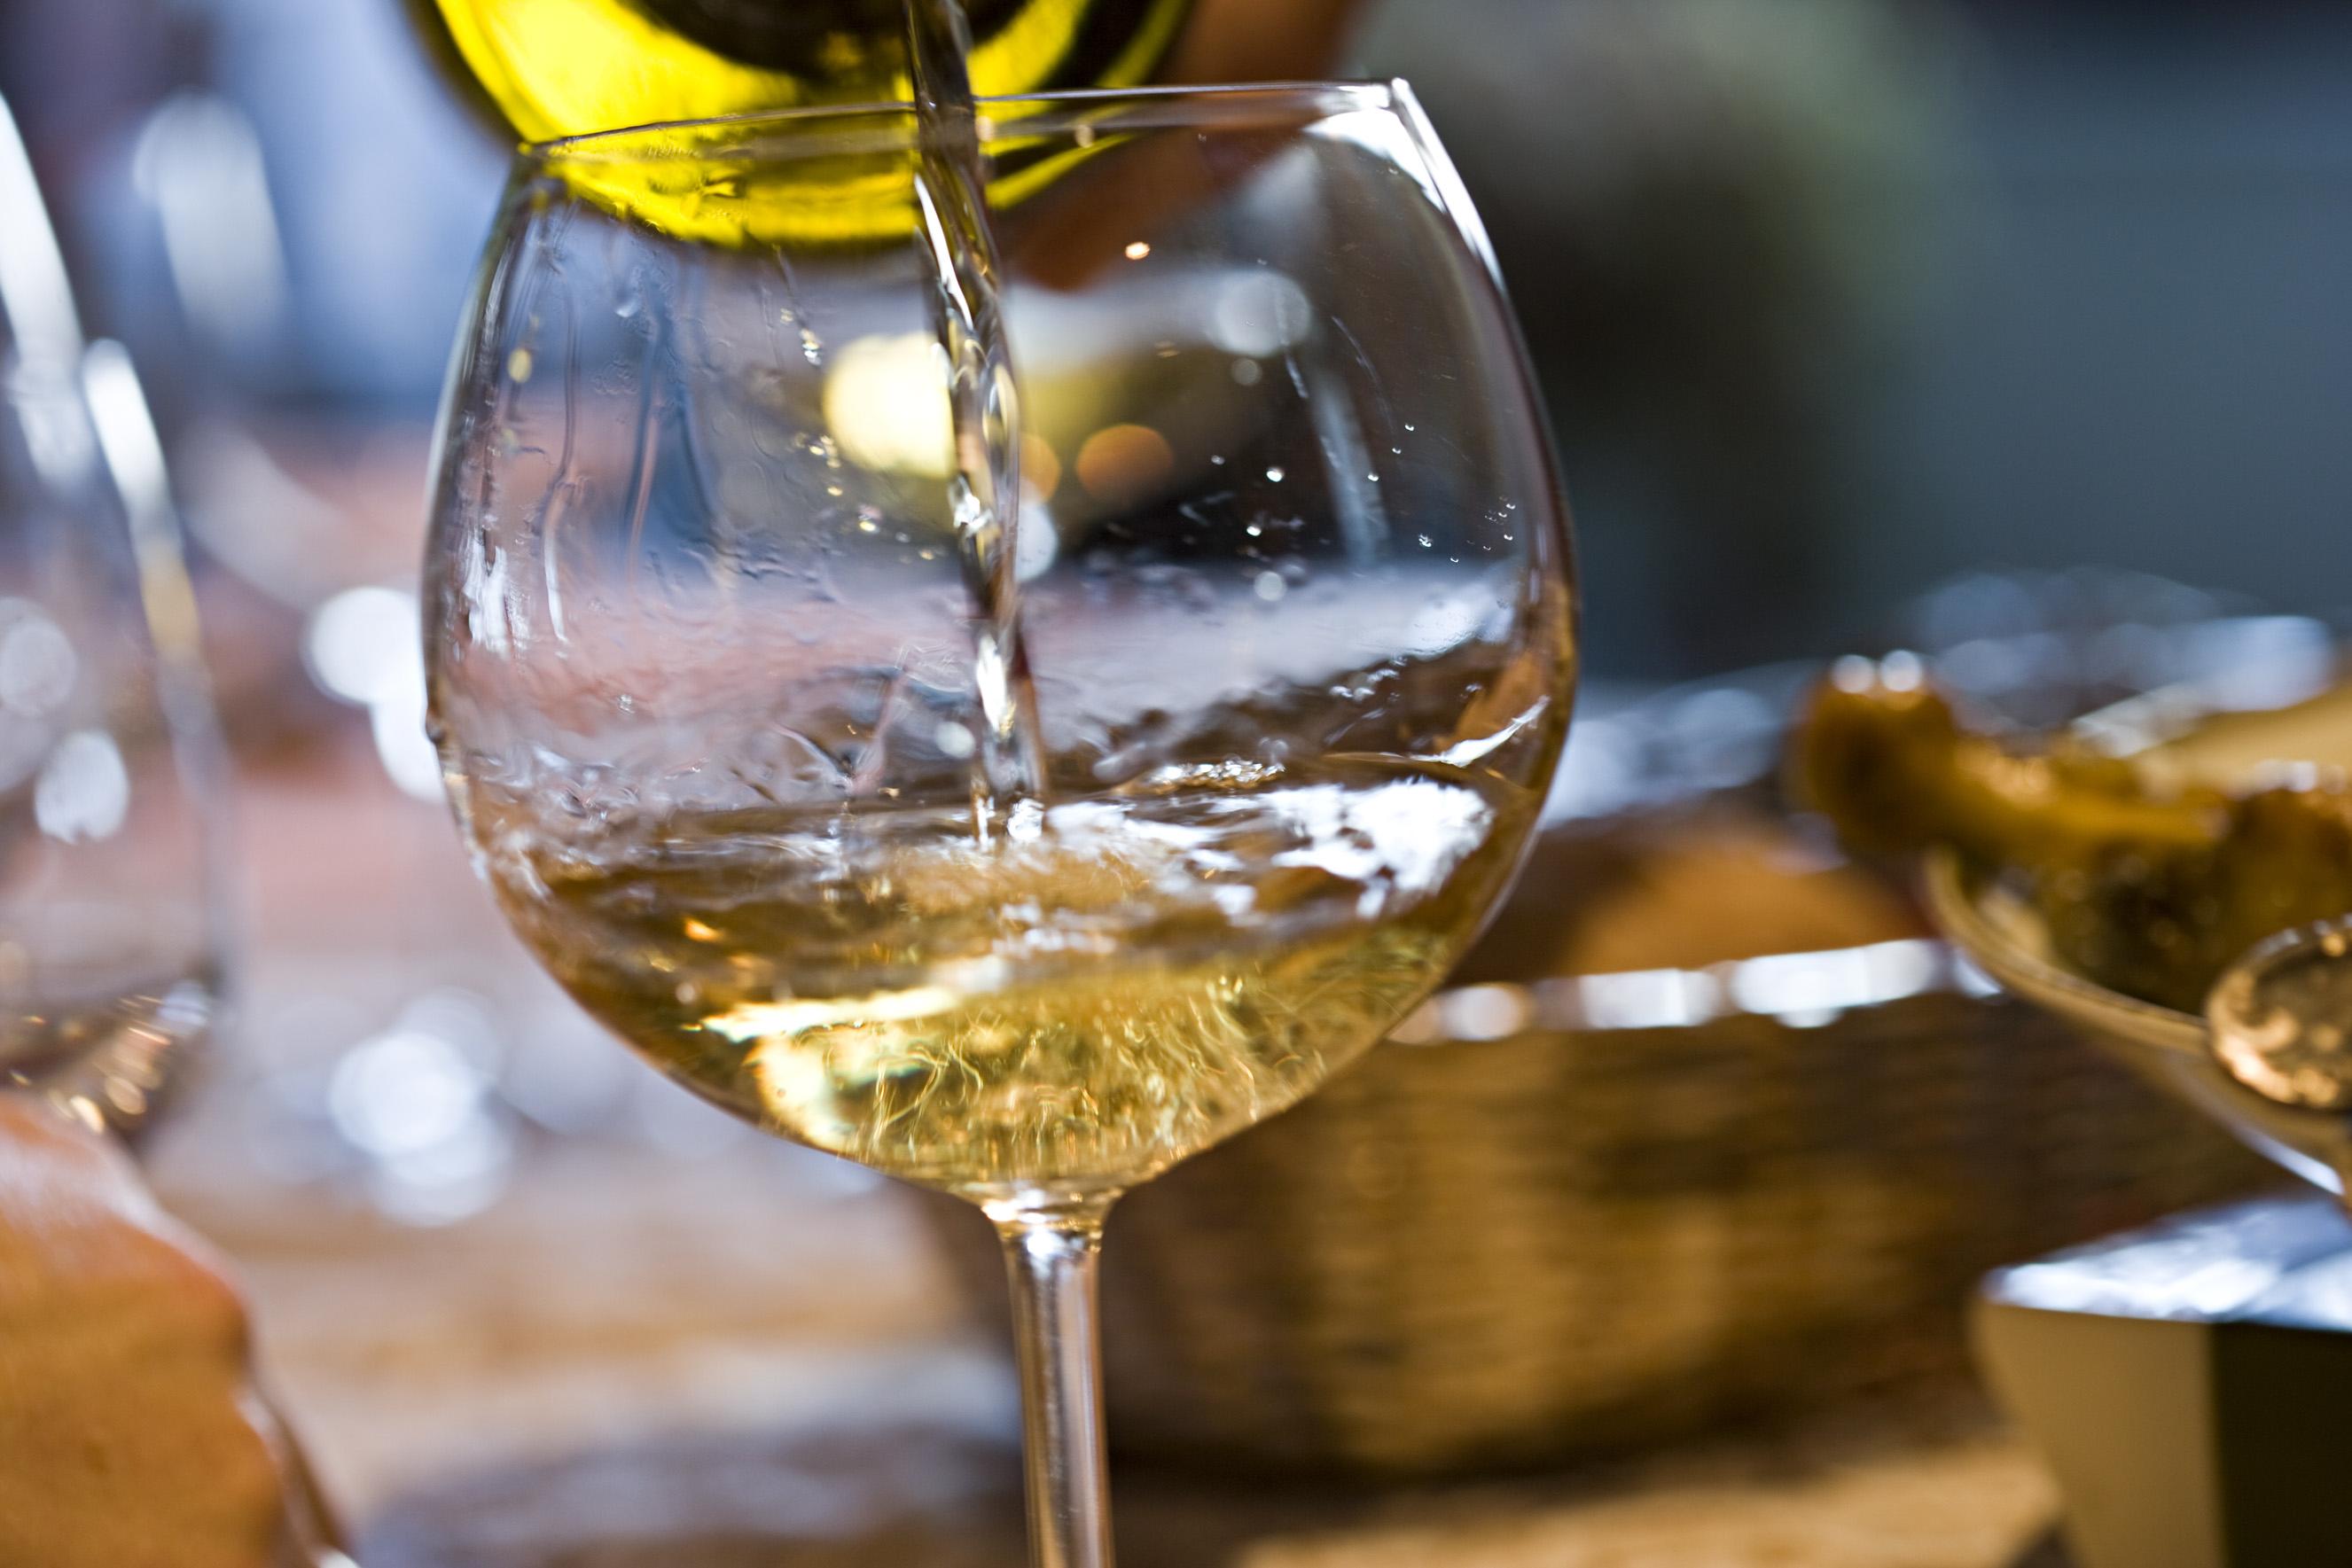 特別な日に試したい♪白ワインを使ったちょっとお洒落で素敵なレシピのサムネイル画像